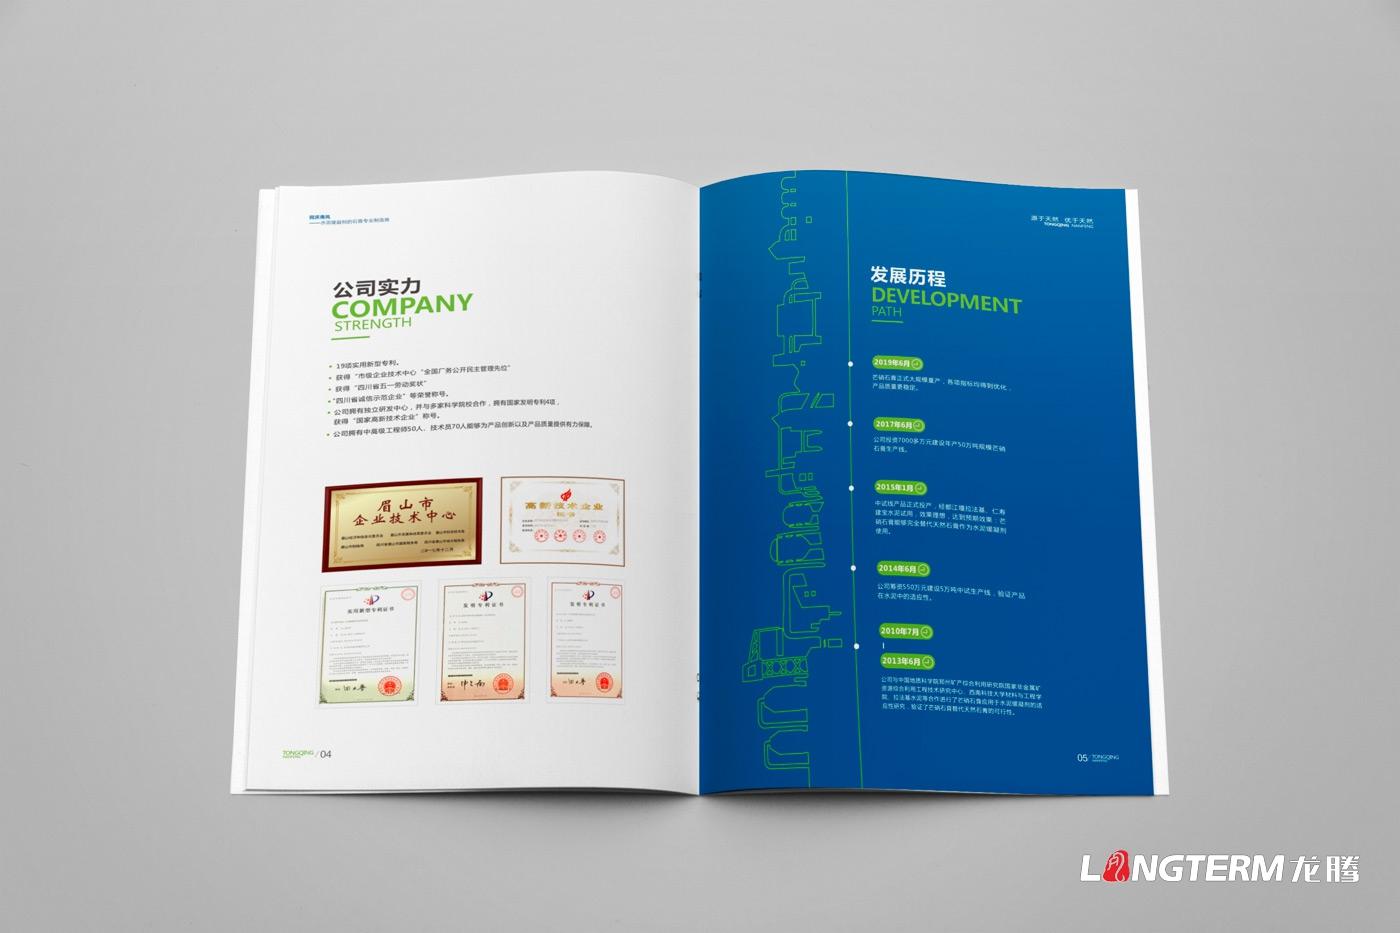 四川同庆南风有限责任公司宣传手册设计